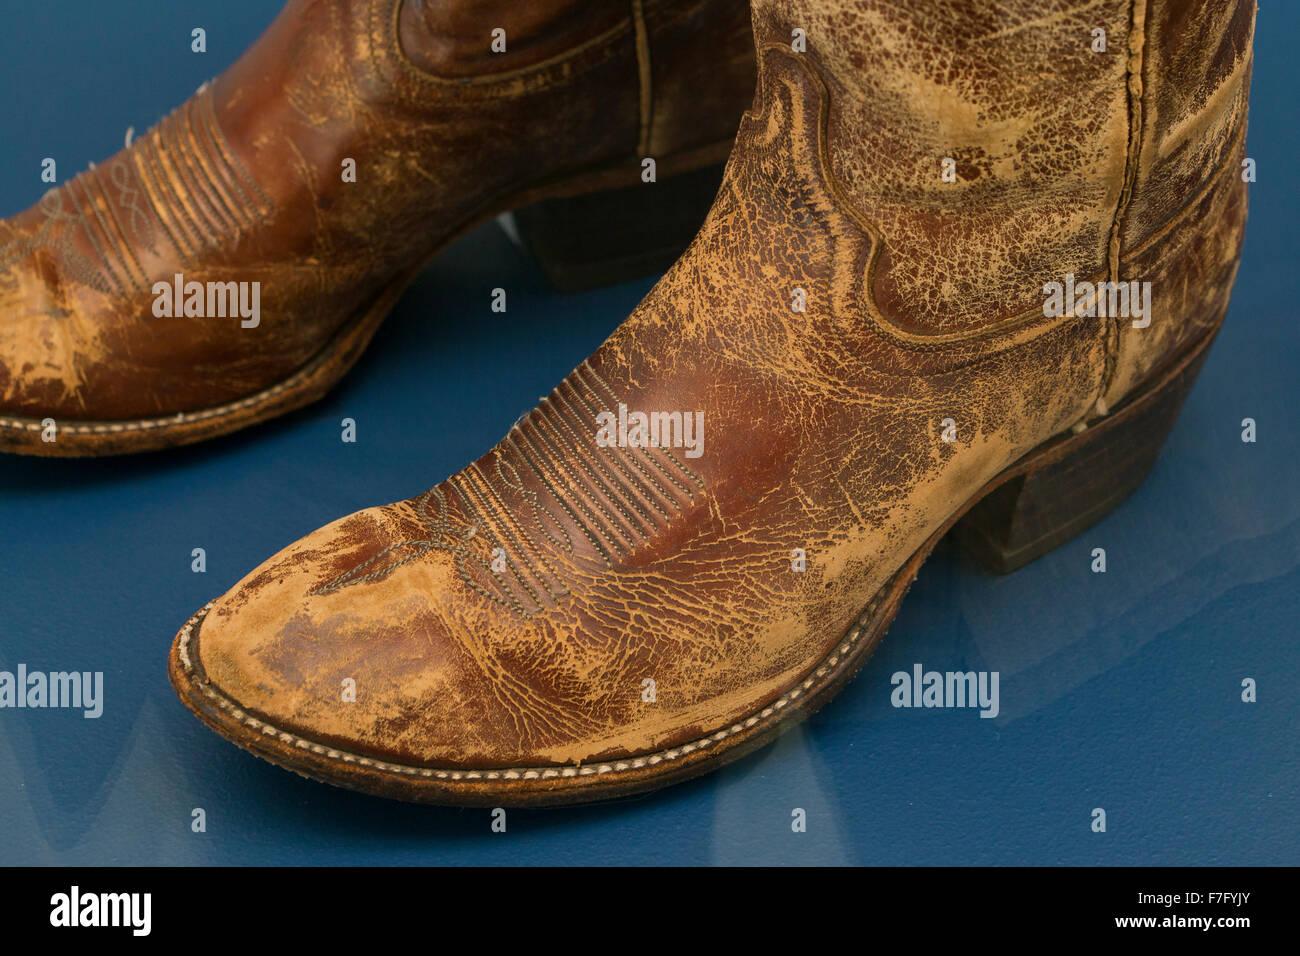 Bottes de cowboy en cuir usé - USA Photo Stock